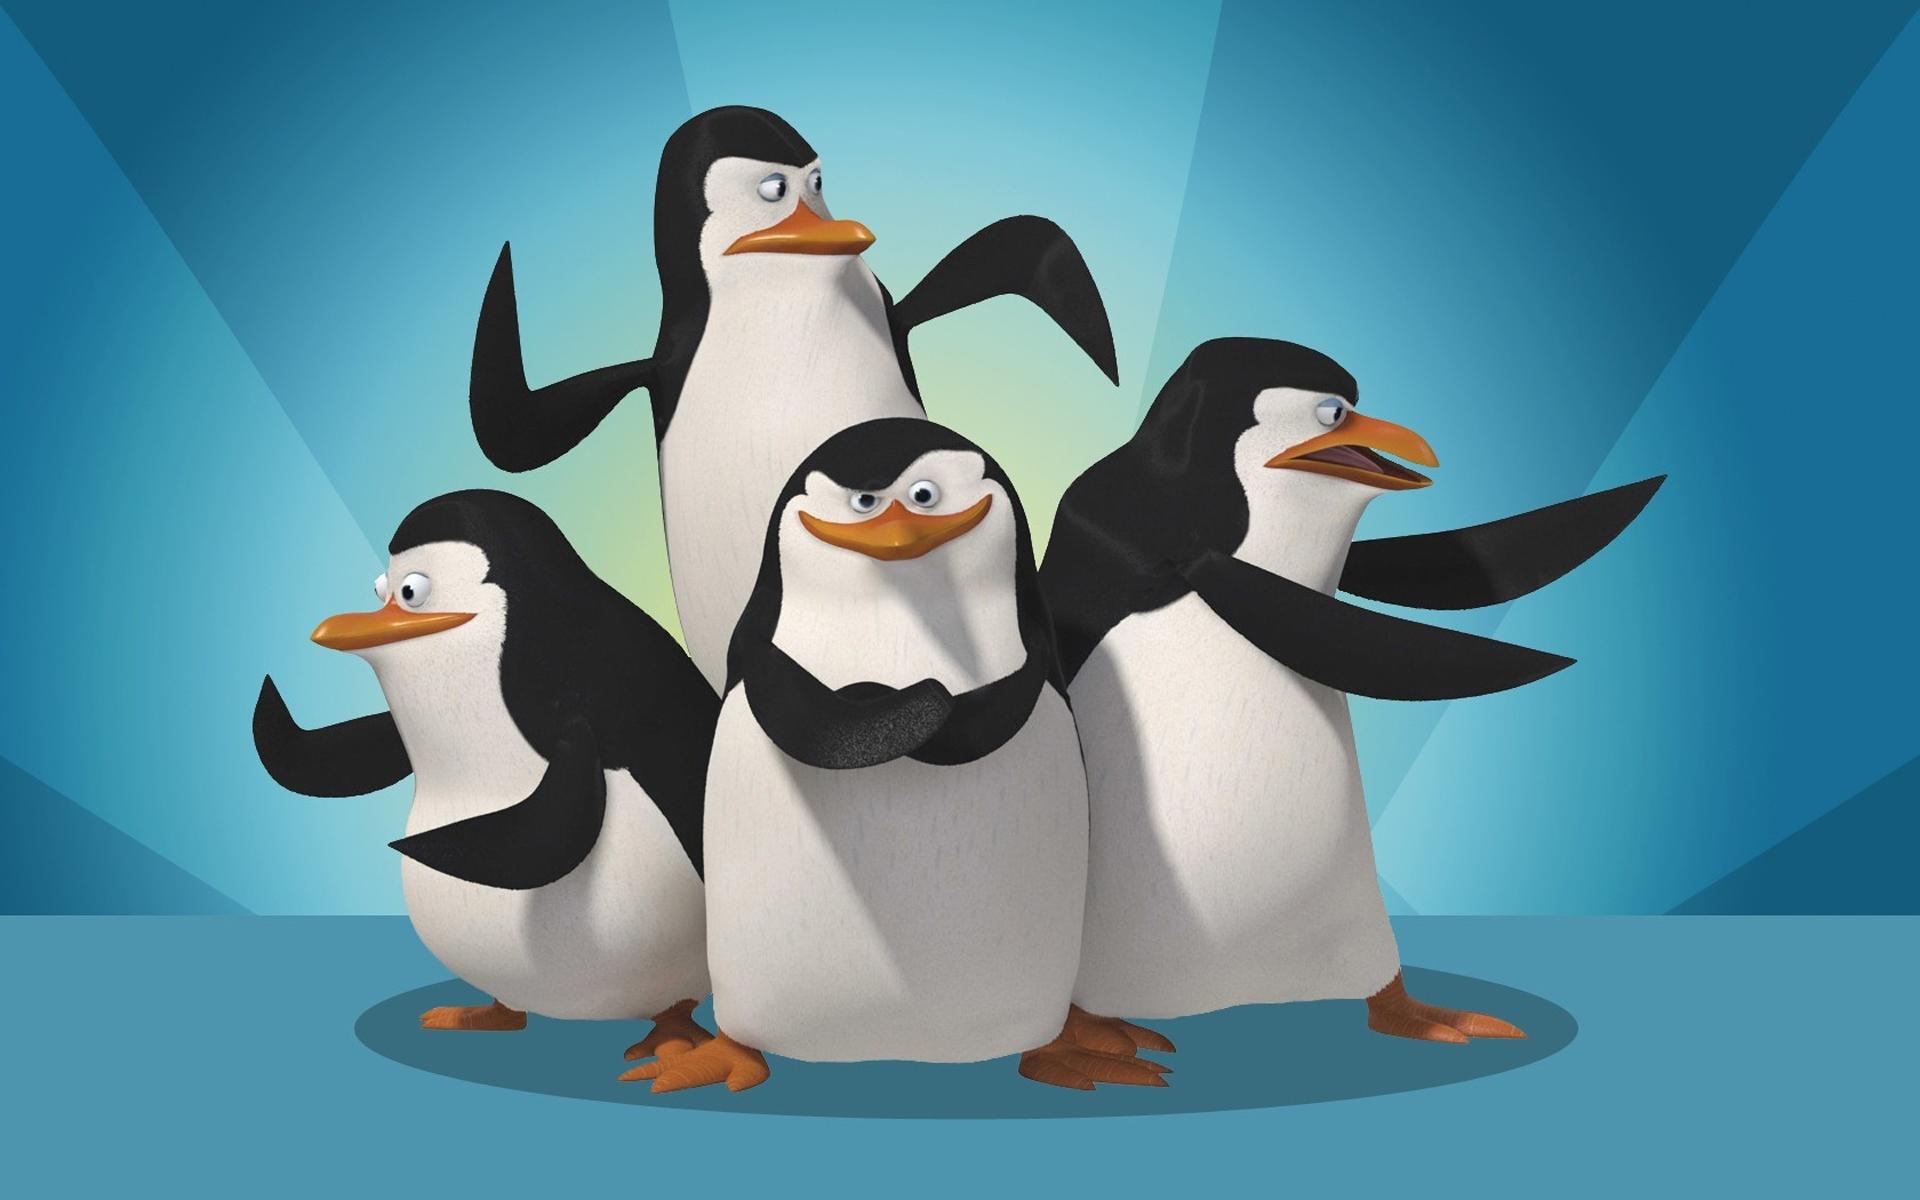 31974 Salvapantallas y fondos de pantalla Dibujos Animados en tu teléfono. Descarga imágenes de Dibujos Animados, Madagascar gratis